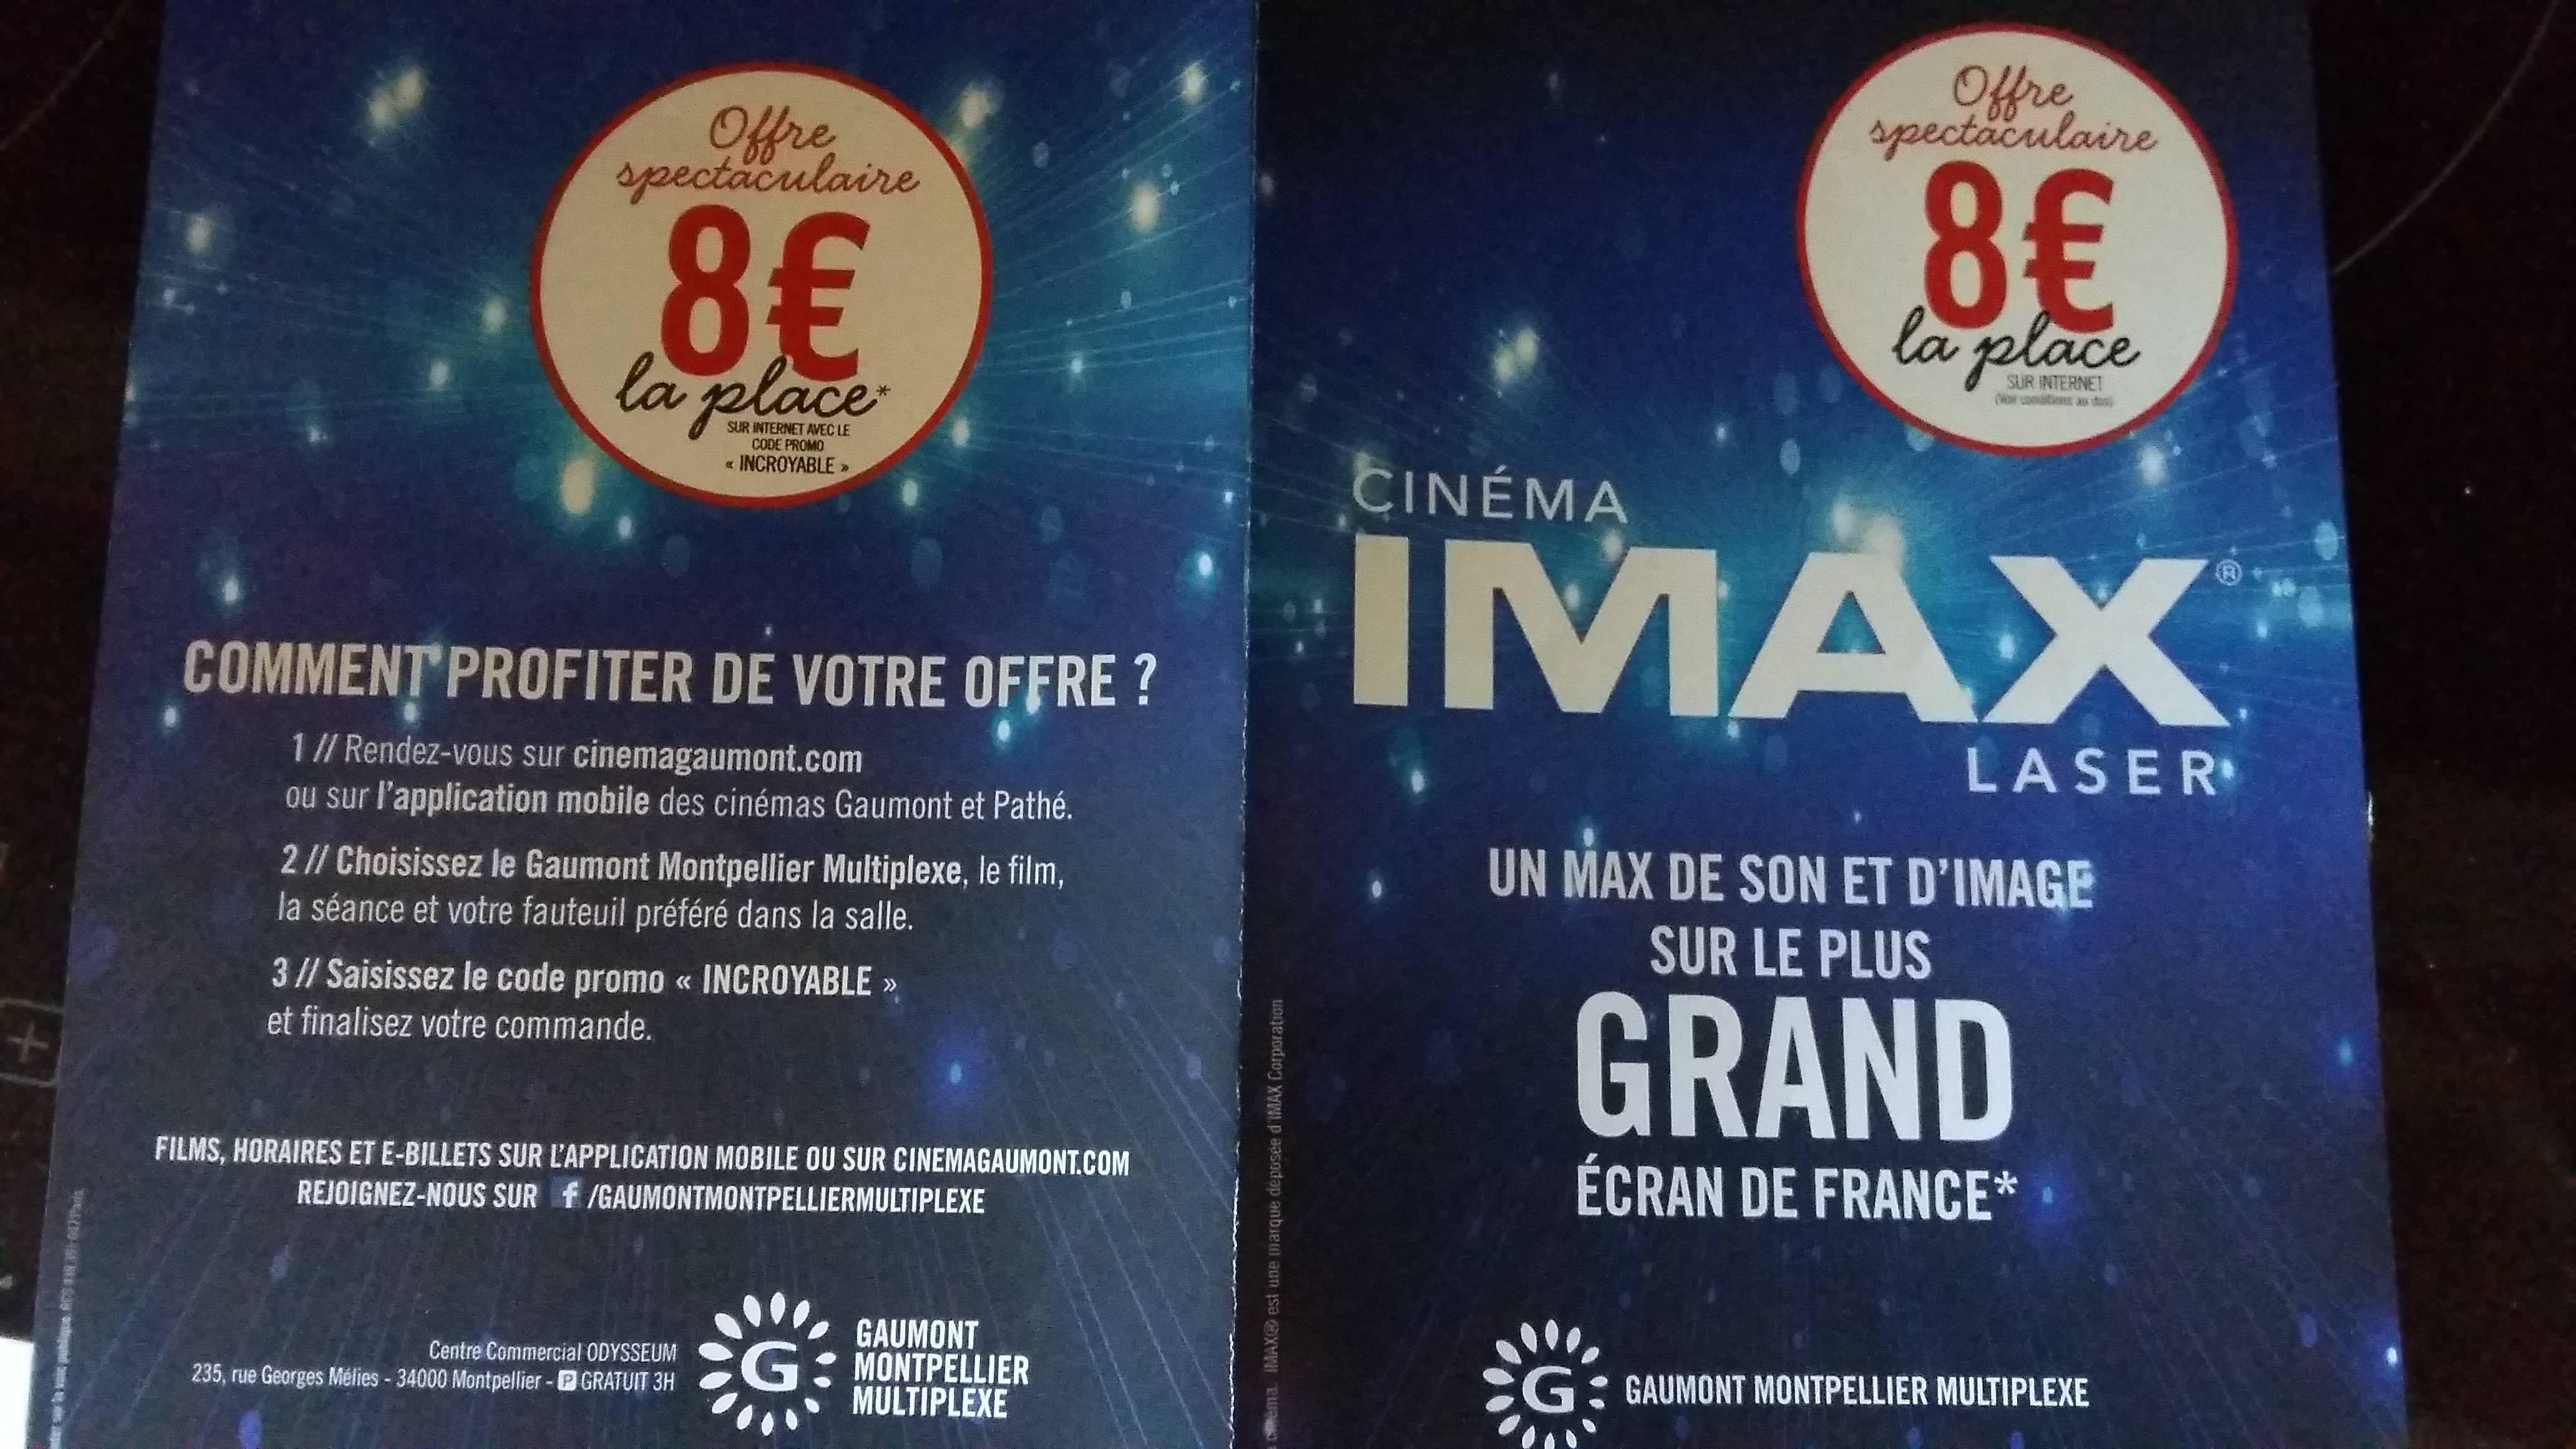 Place de cinéma IMAX